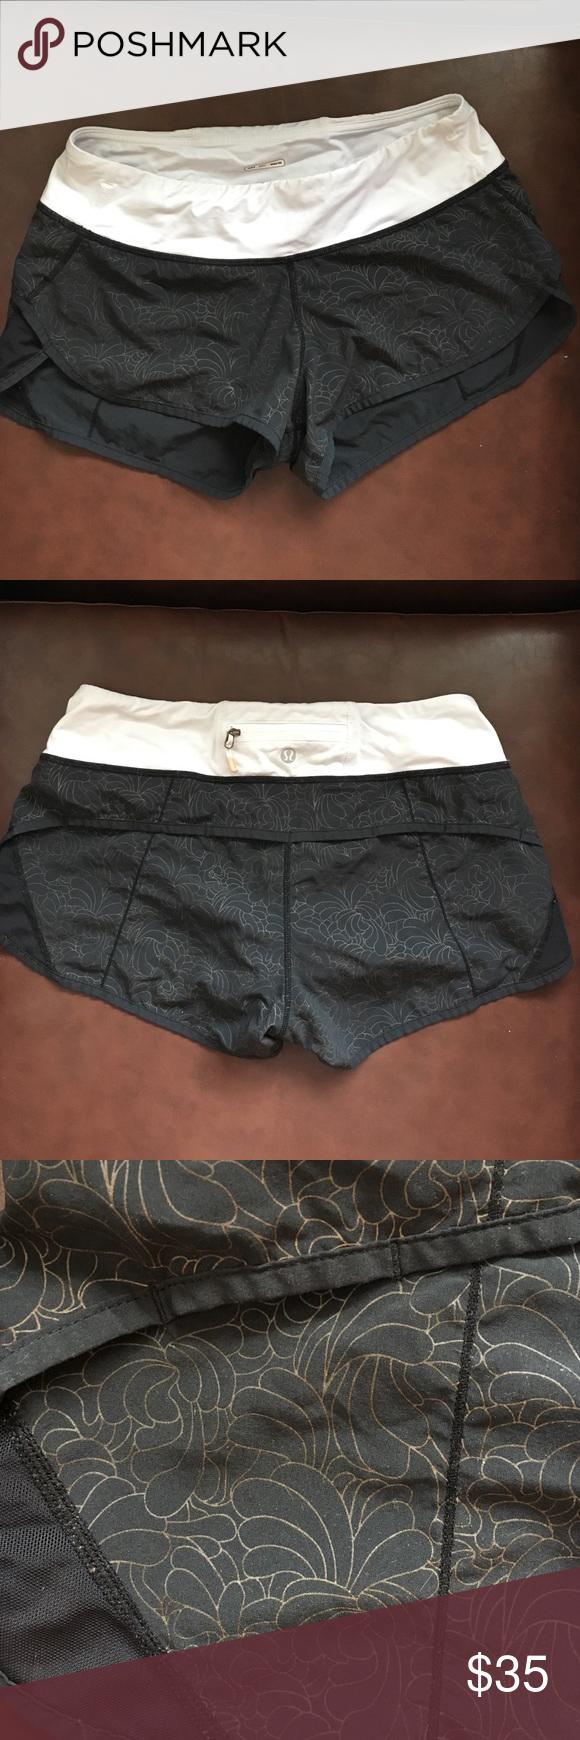 Lululemon shorts Floral pattern lululemon athletica Shorts